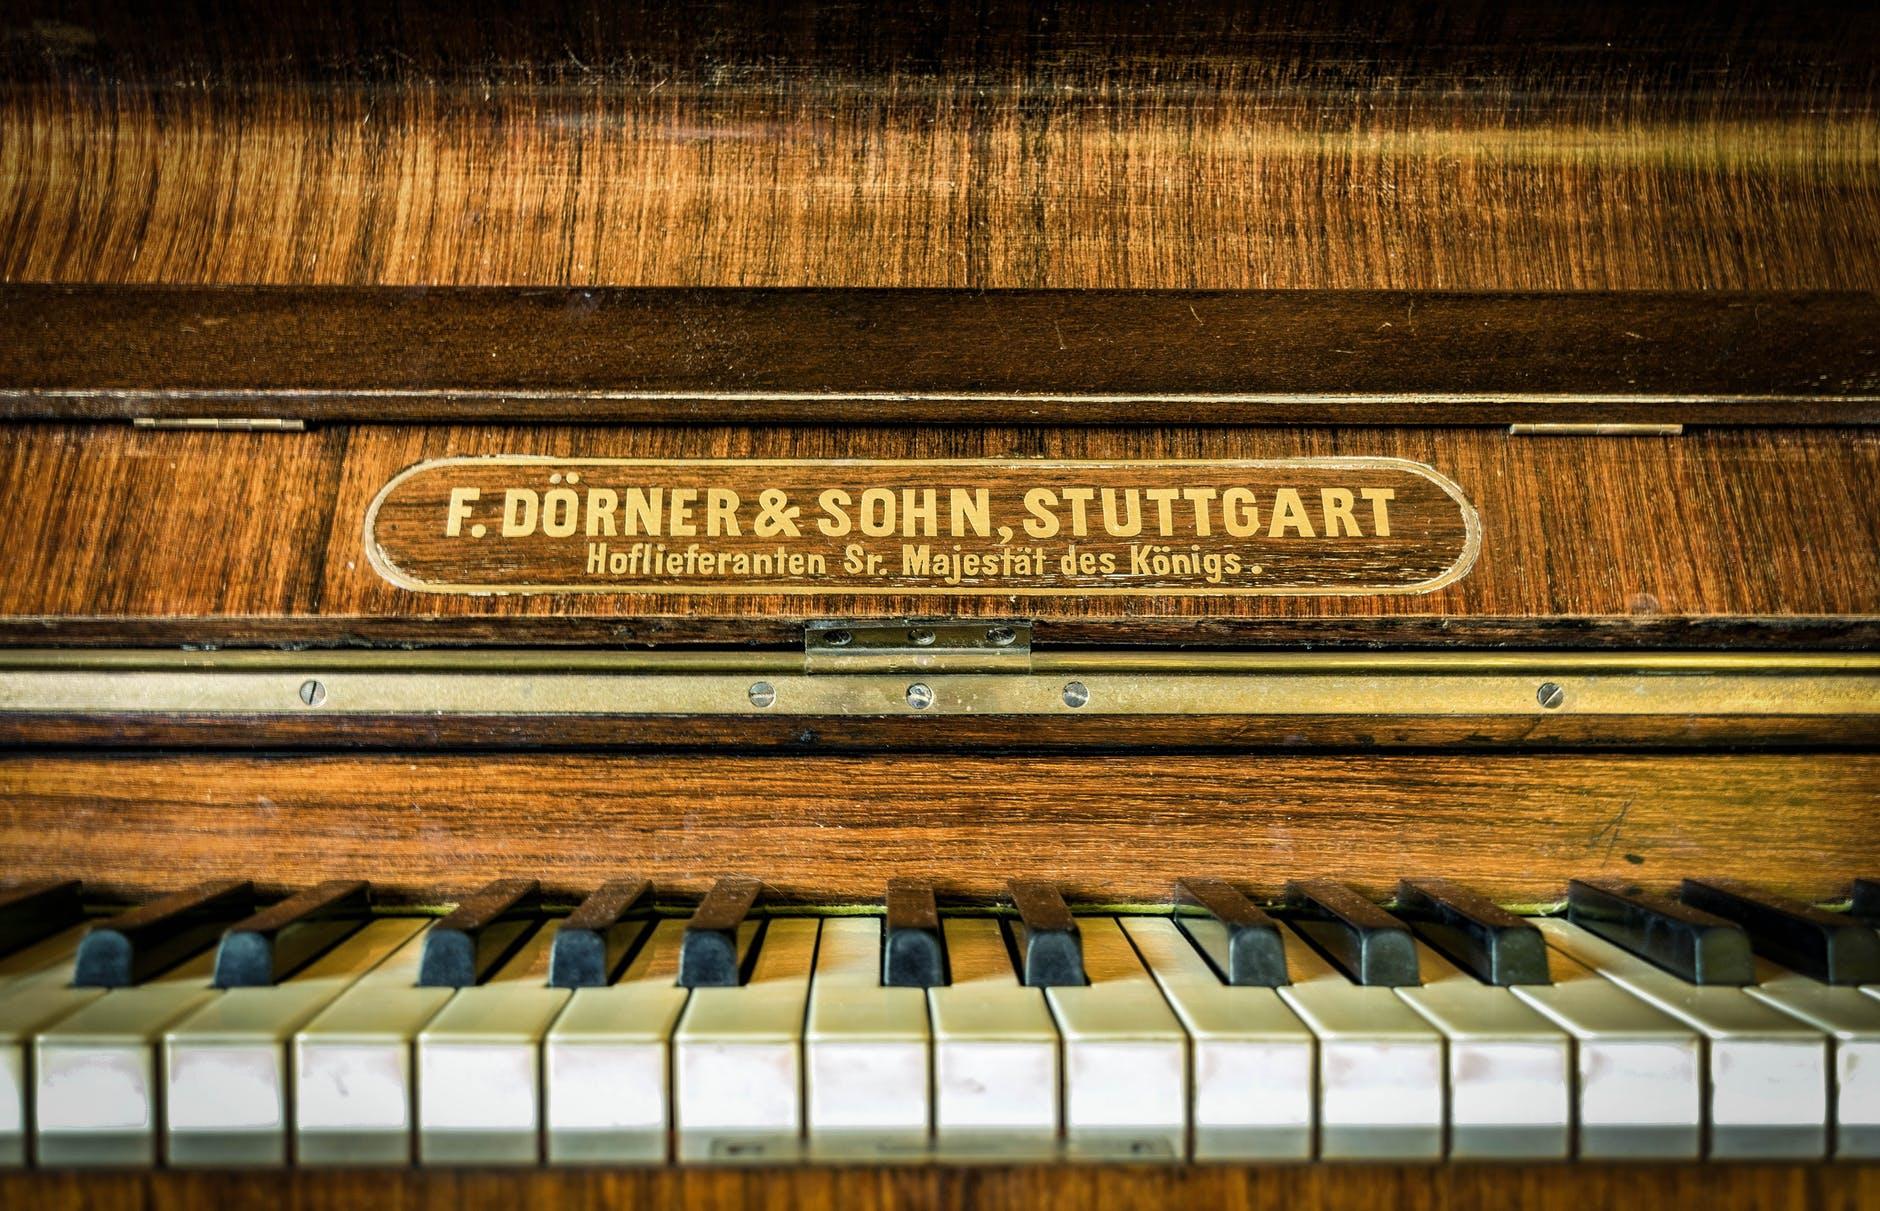 antique classic design harmony